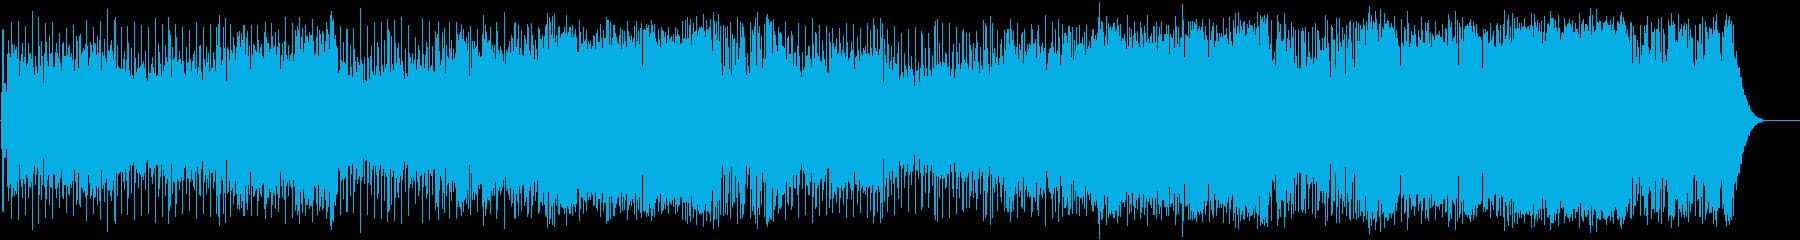 感動的で軽やかなポップ(フルサイズ)の再生済みの波形